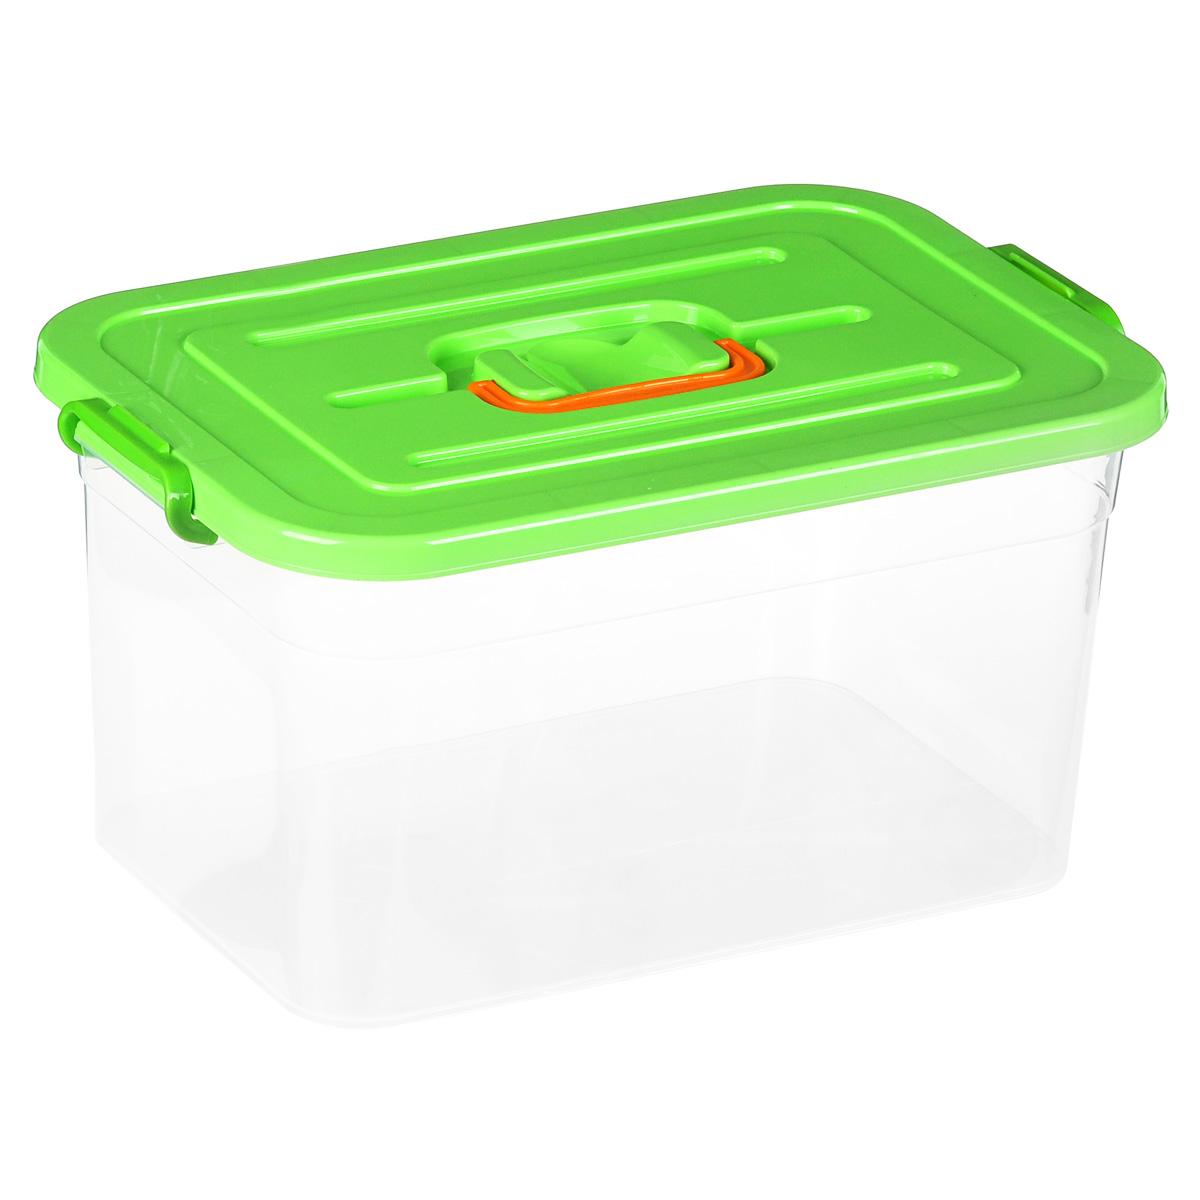 Контейнер для хранения Полимербыт, цвет: зеленый, 15 л12723Контейнер для хранения Полимербыт выполнен из высококачественного цветного пластика. Контейнер снабжен удобной ручкой и двумя пластиковыми фиксаторами по бокам, придающими дополнительную надежность закрывания крышки. Вместительный контейнер позволит сохранить различные нужные вещи в порядке, а герметичная крышка предотвратит случайное открывание, защитит содержимое от пыли и грязи. Объем: 15 л.